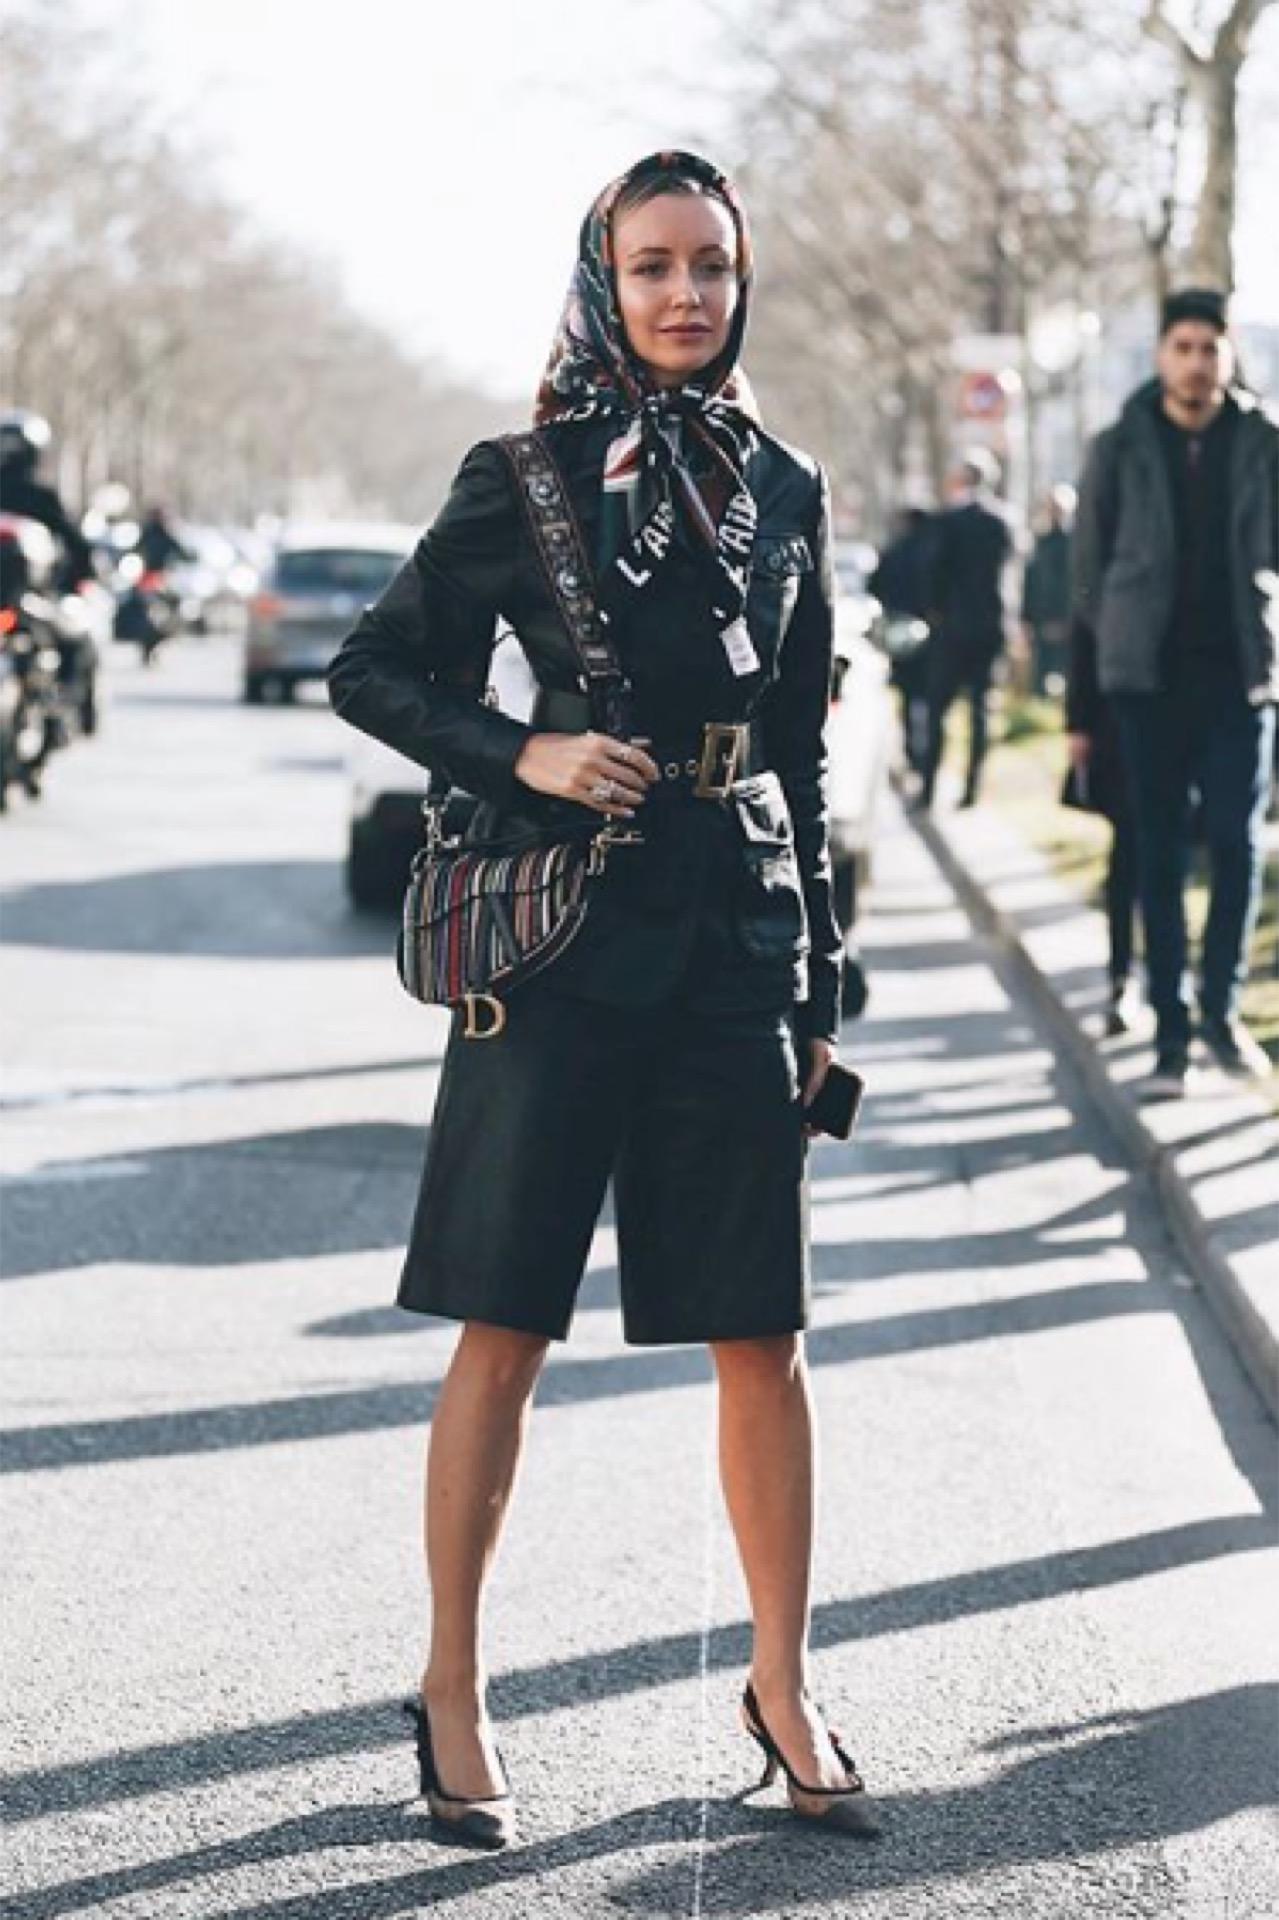 Cinturón ancho de cuero en este look de chaqueta y bermuda estilo militar.